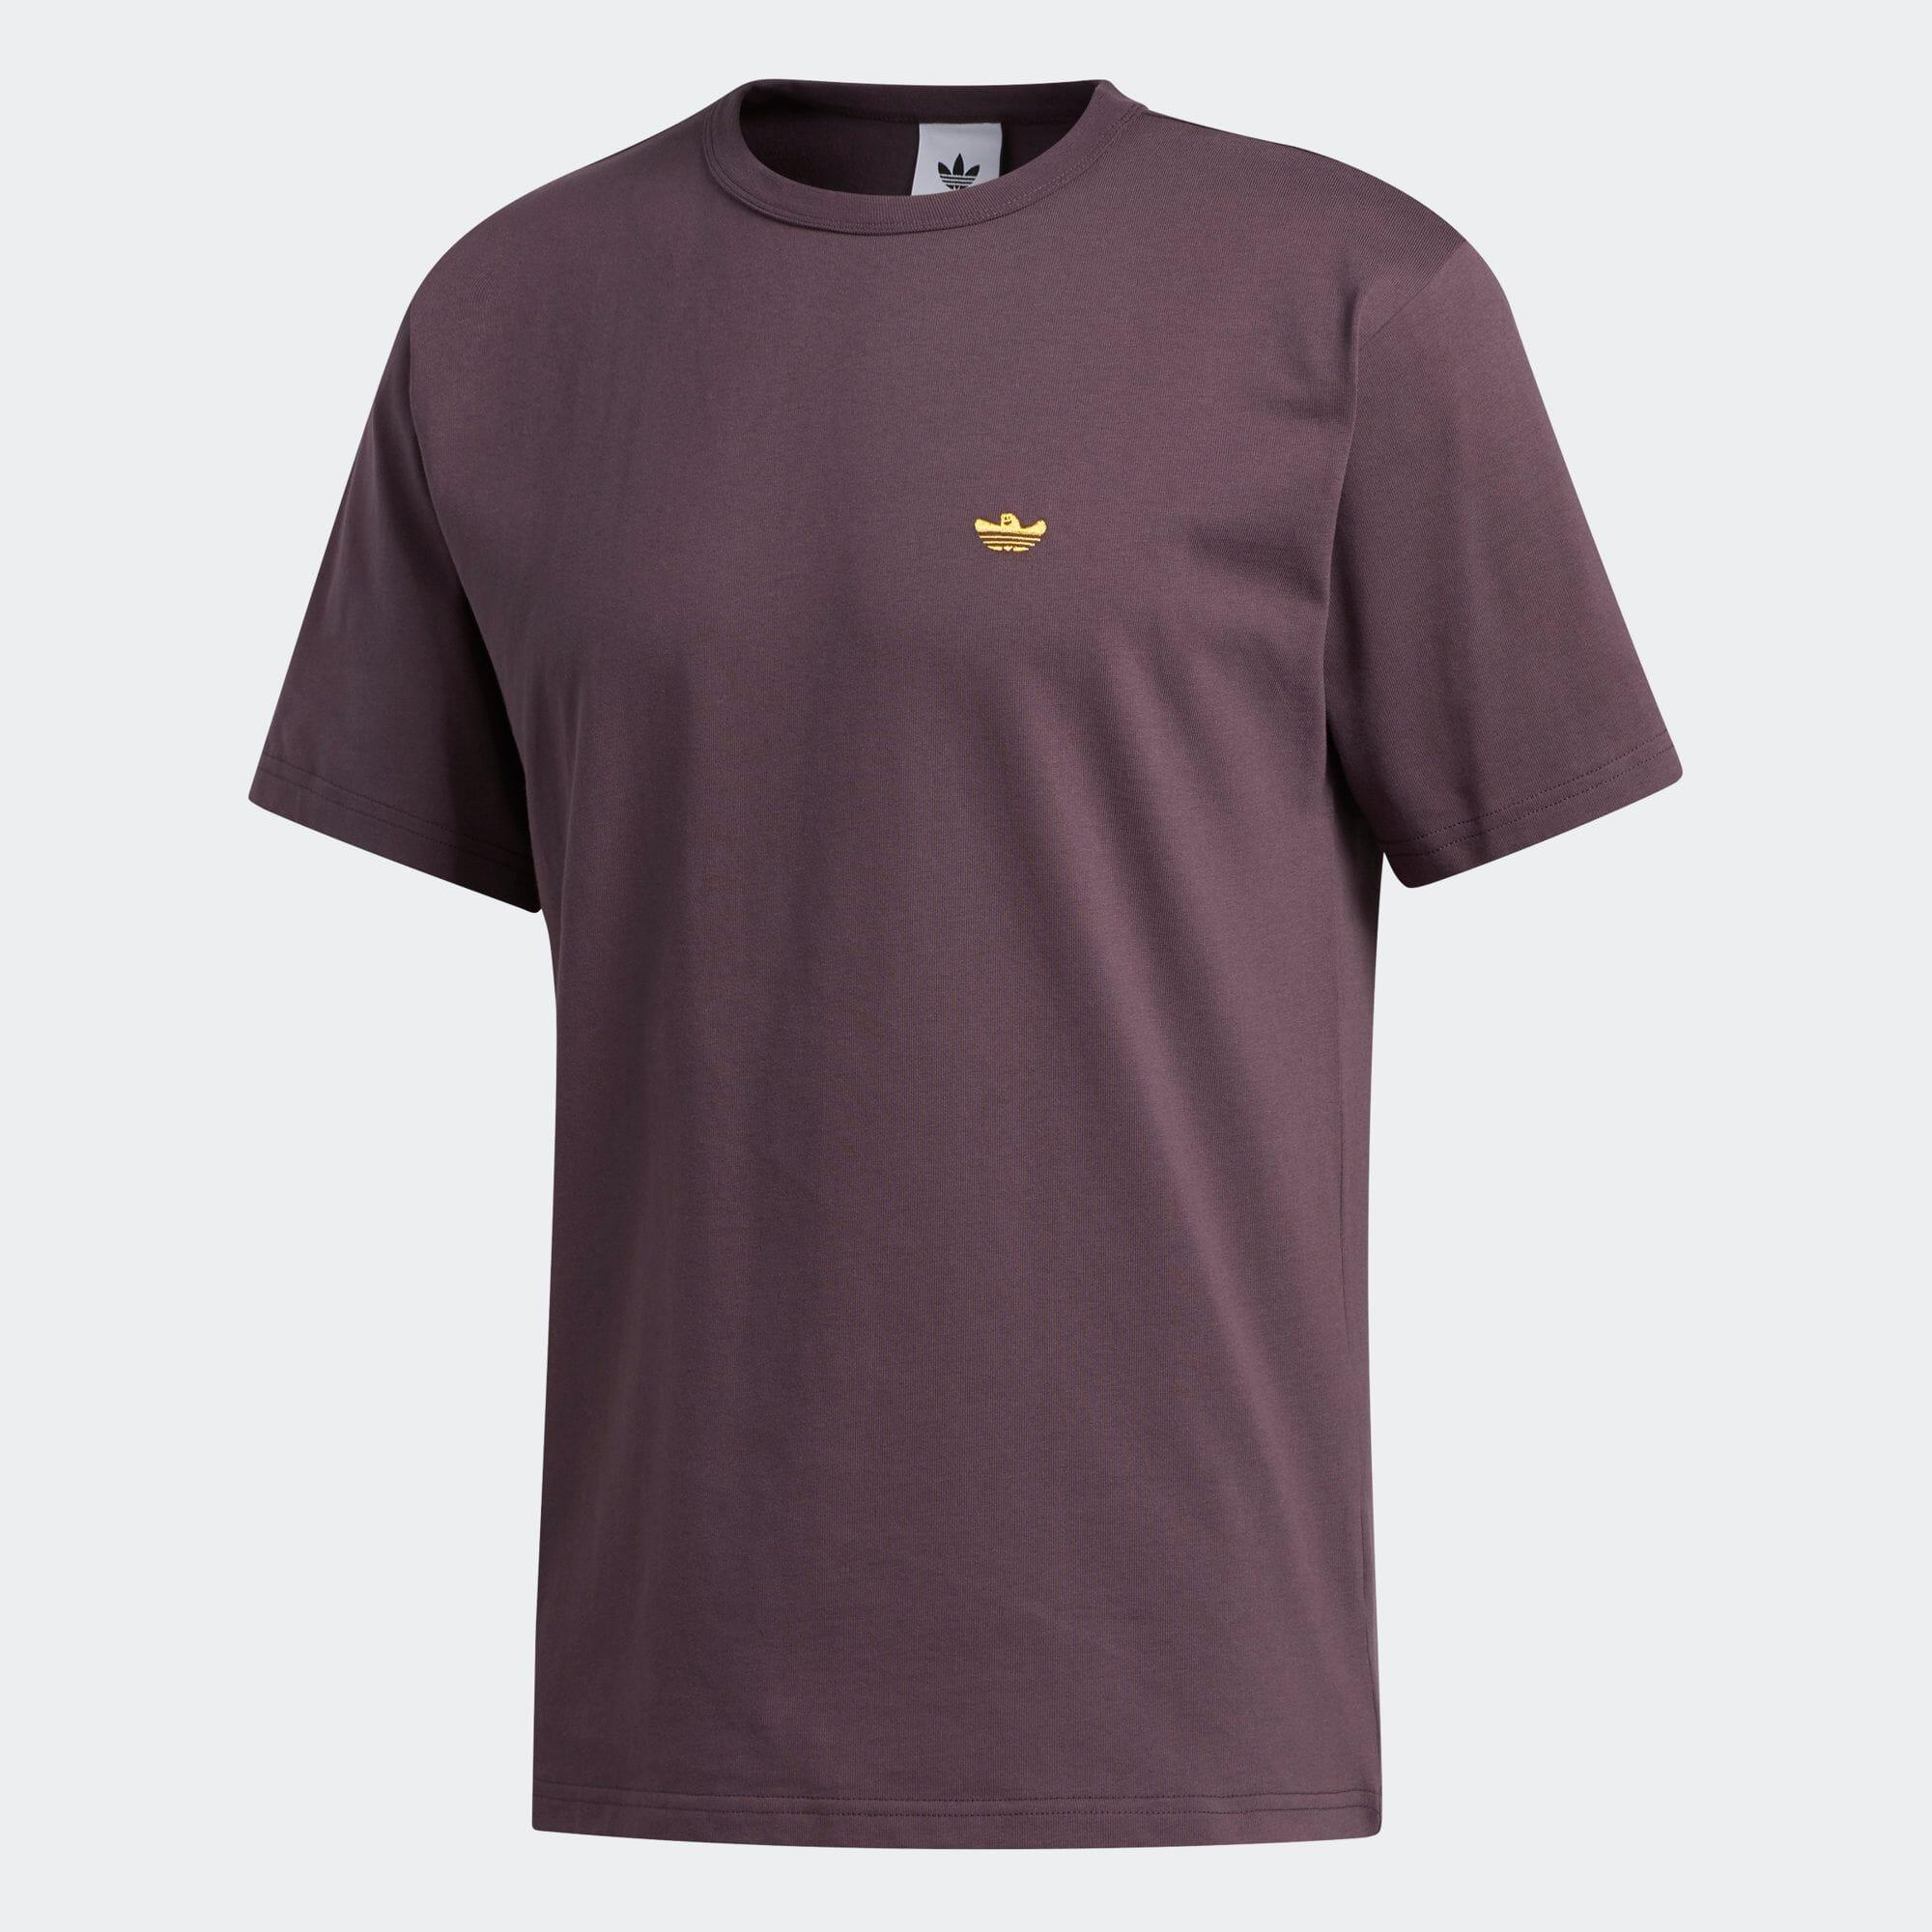 半袖シュムーTシャツ(ユニセックス)